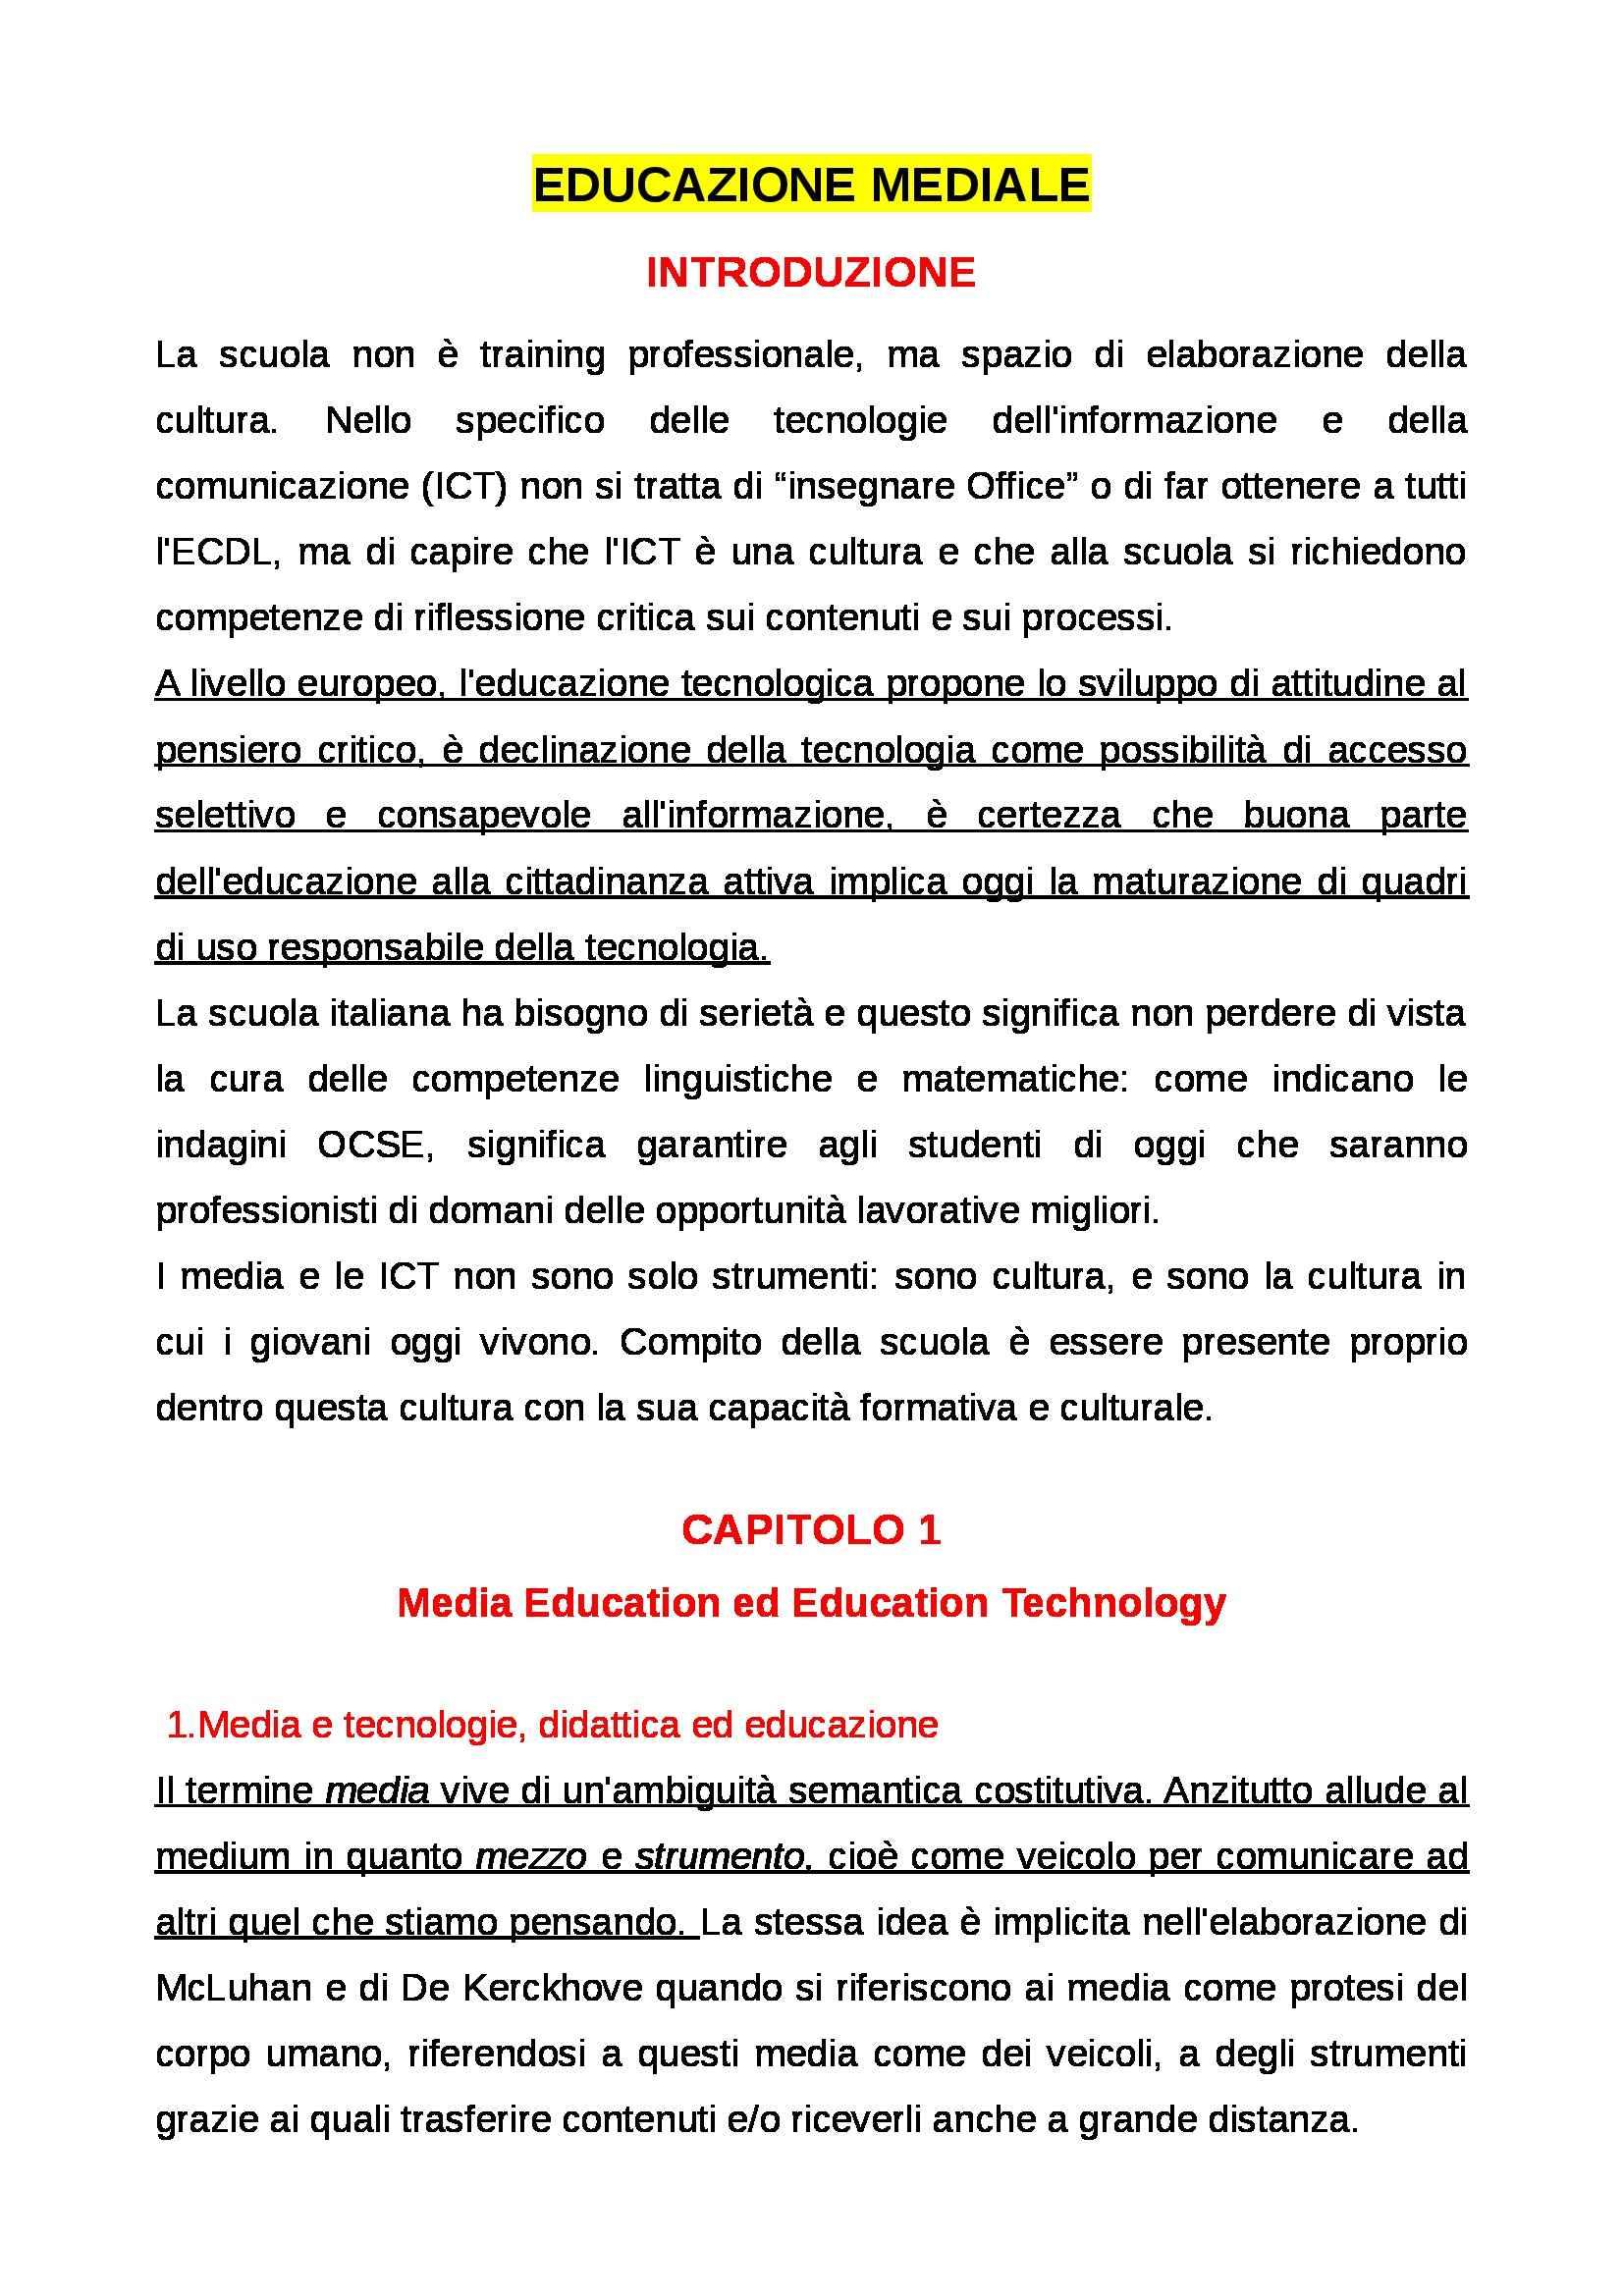 Riassunto esame Educazione mediale, prof. Faiella, libro consigliato Media e tecnologie per la didattica, Ardizzone, Rivoltella